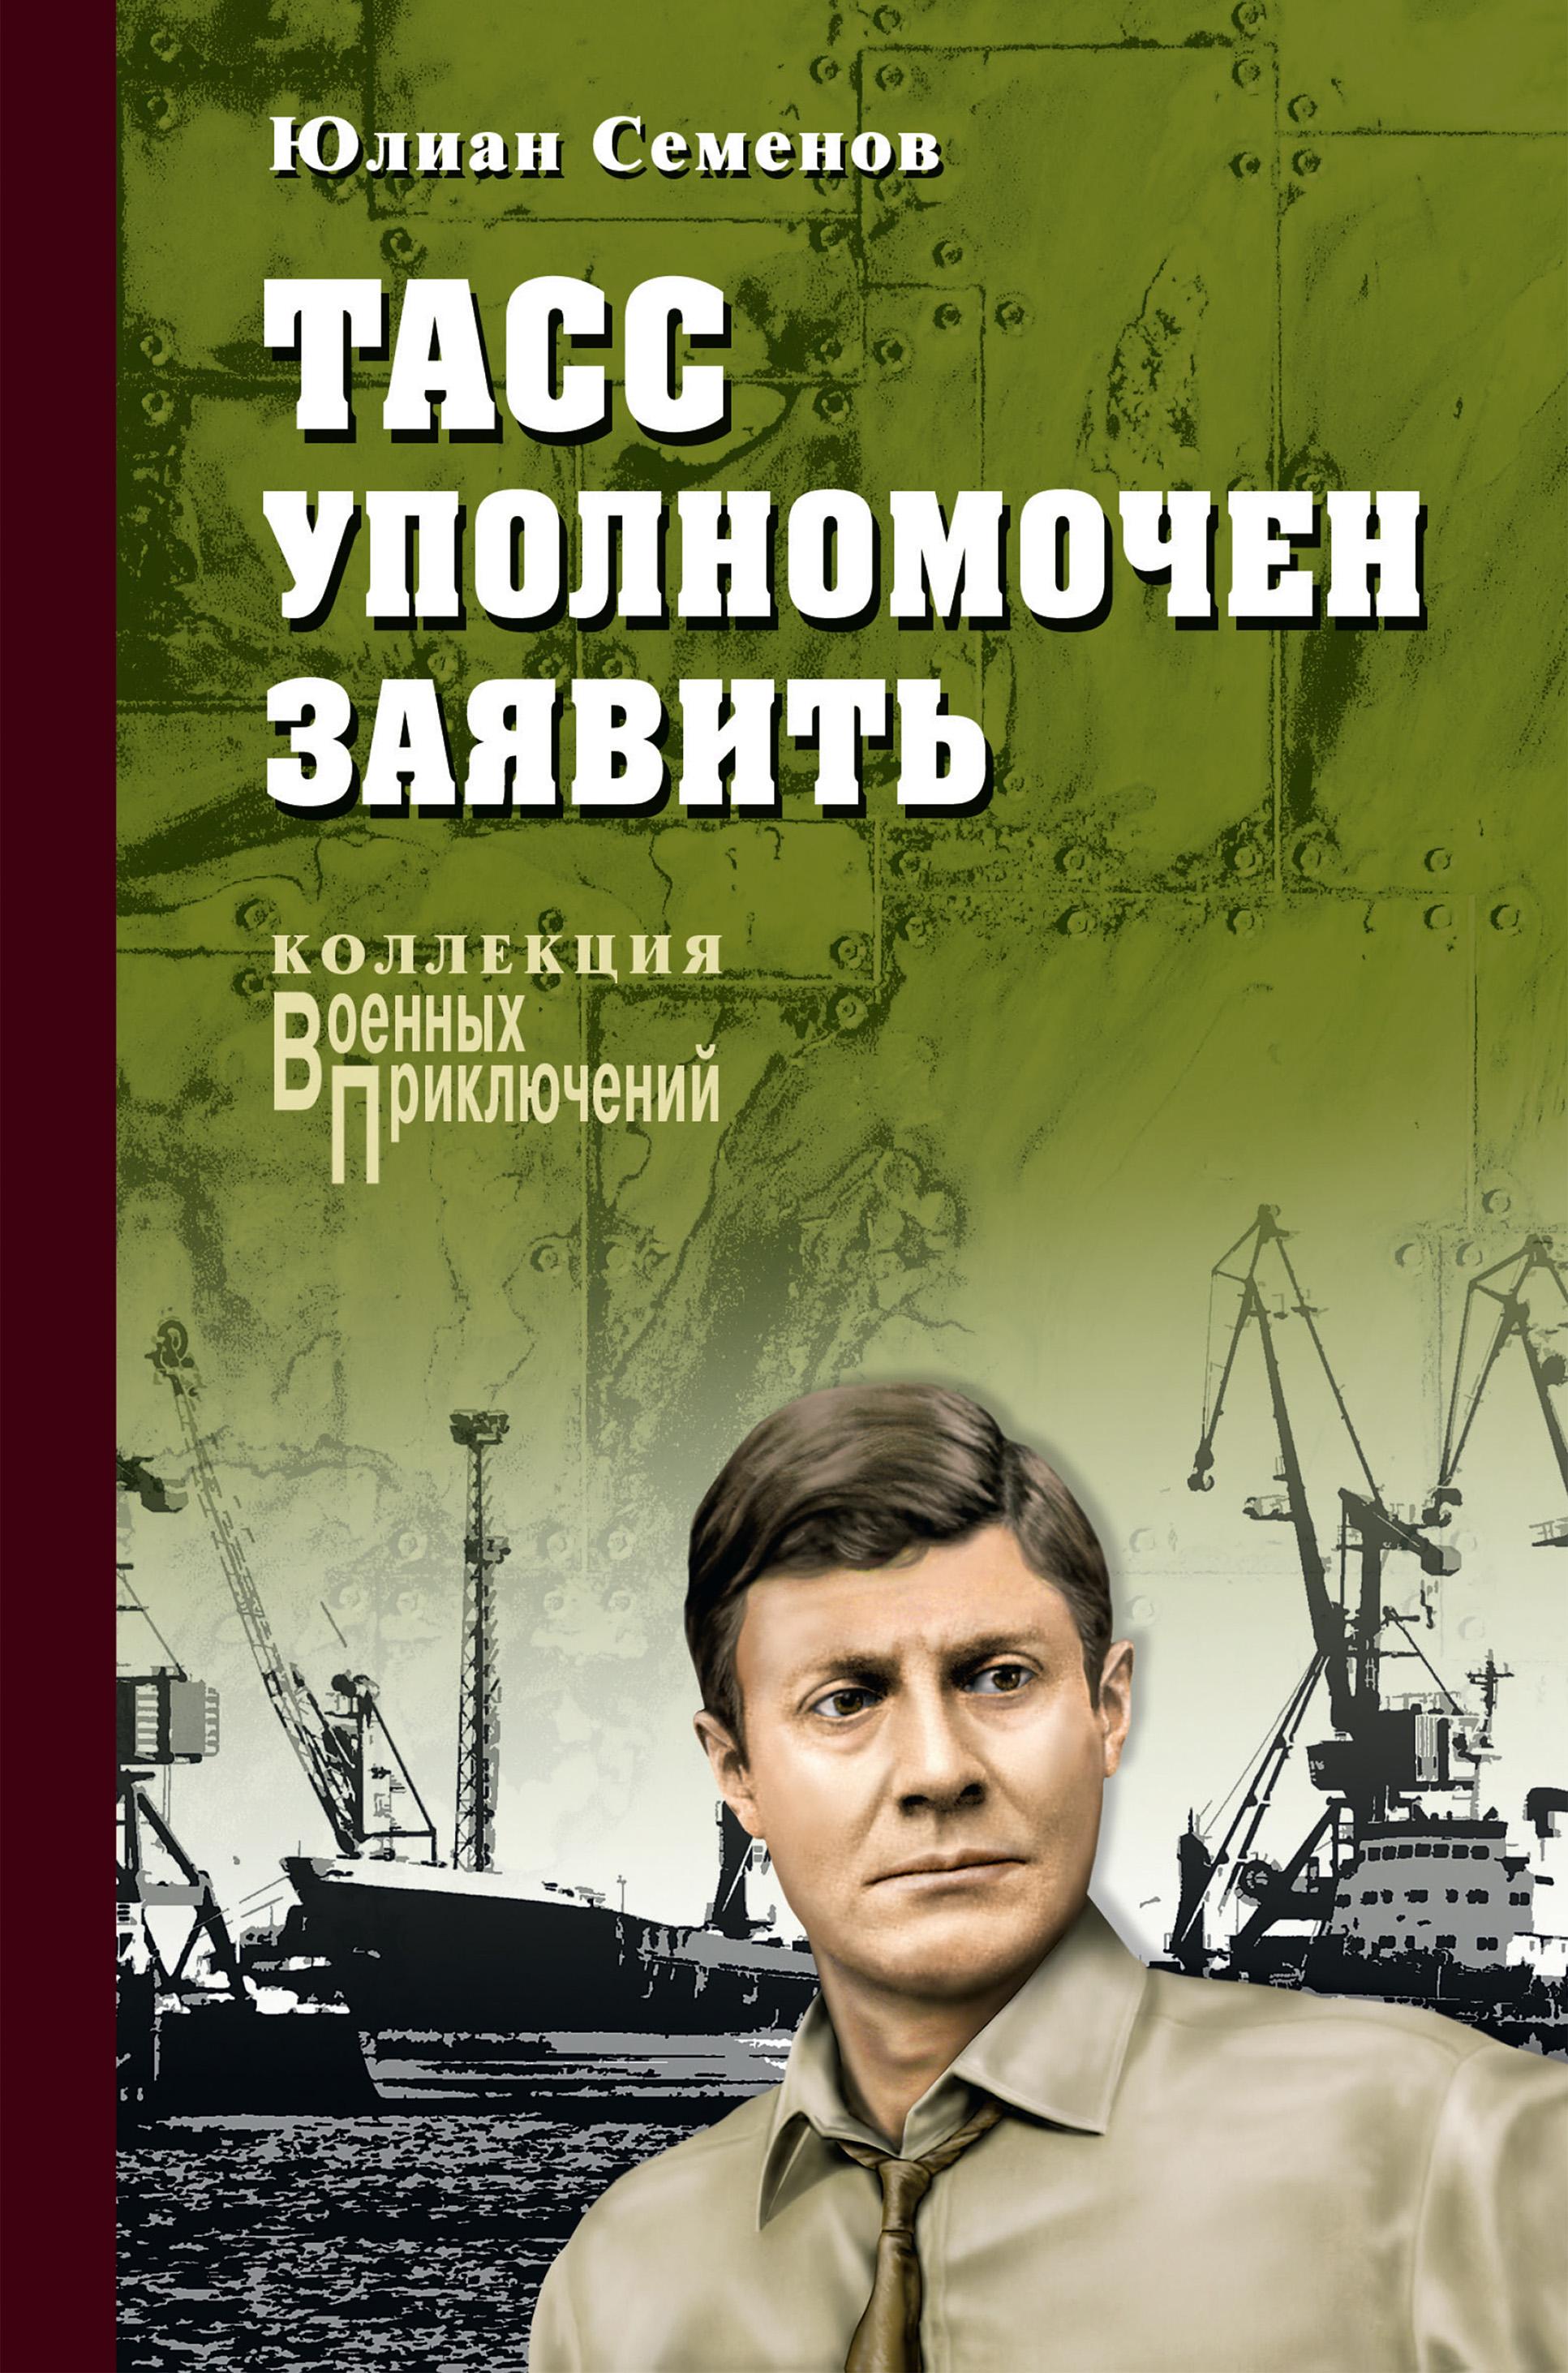 Электронная книга «ТАСС уполномочен заявить…» – Юлиан Семенов